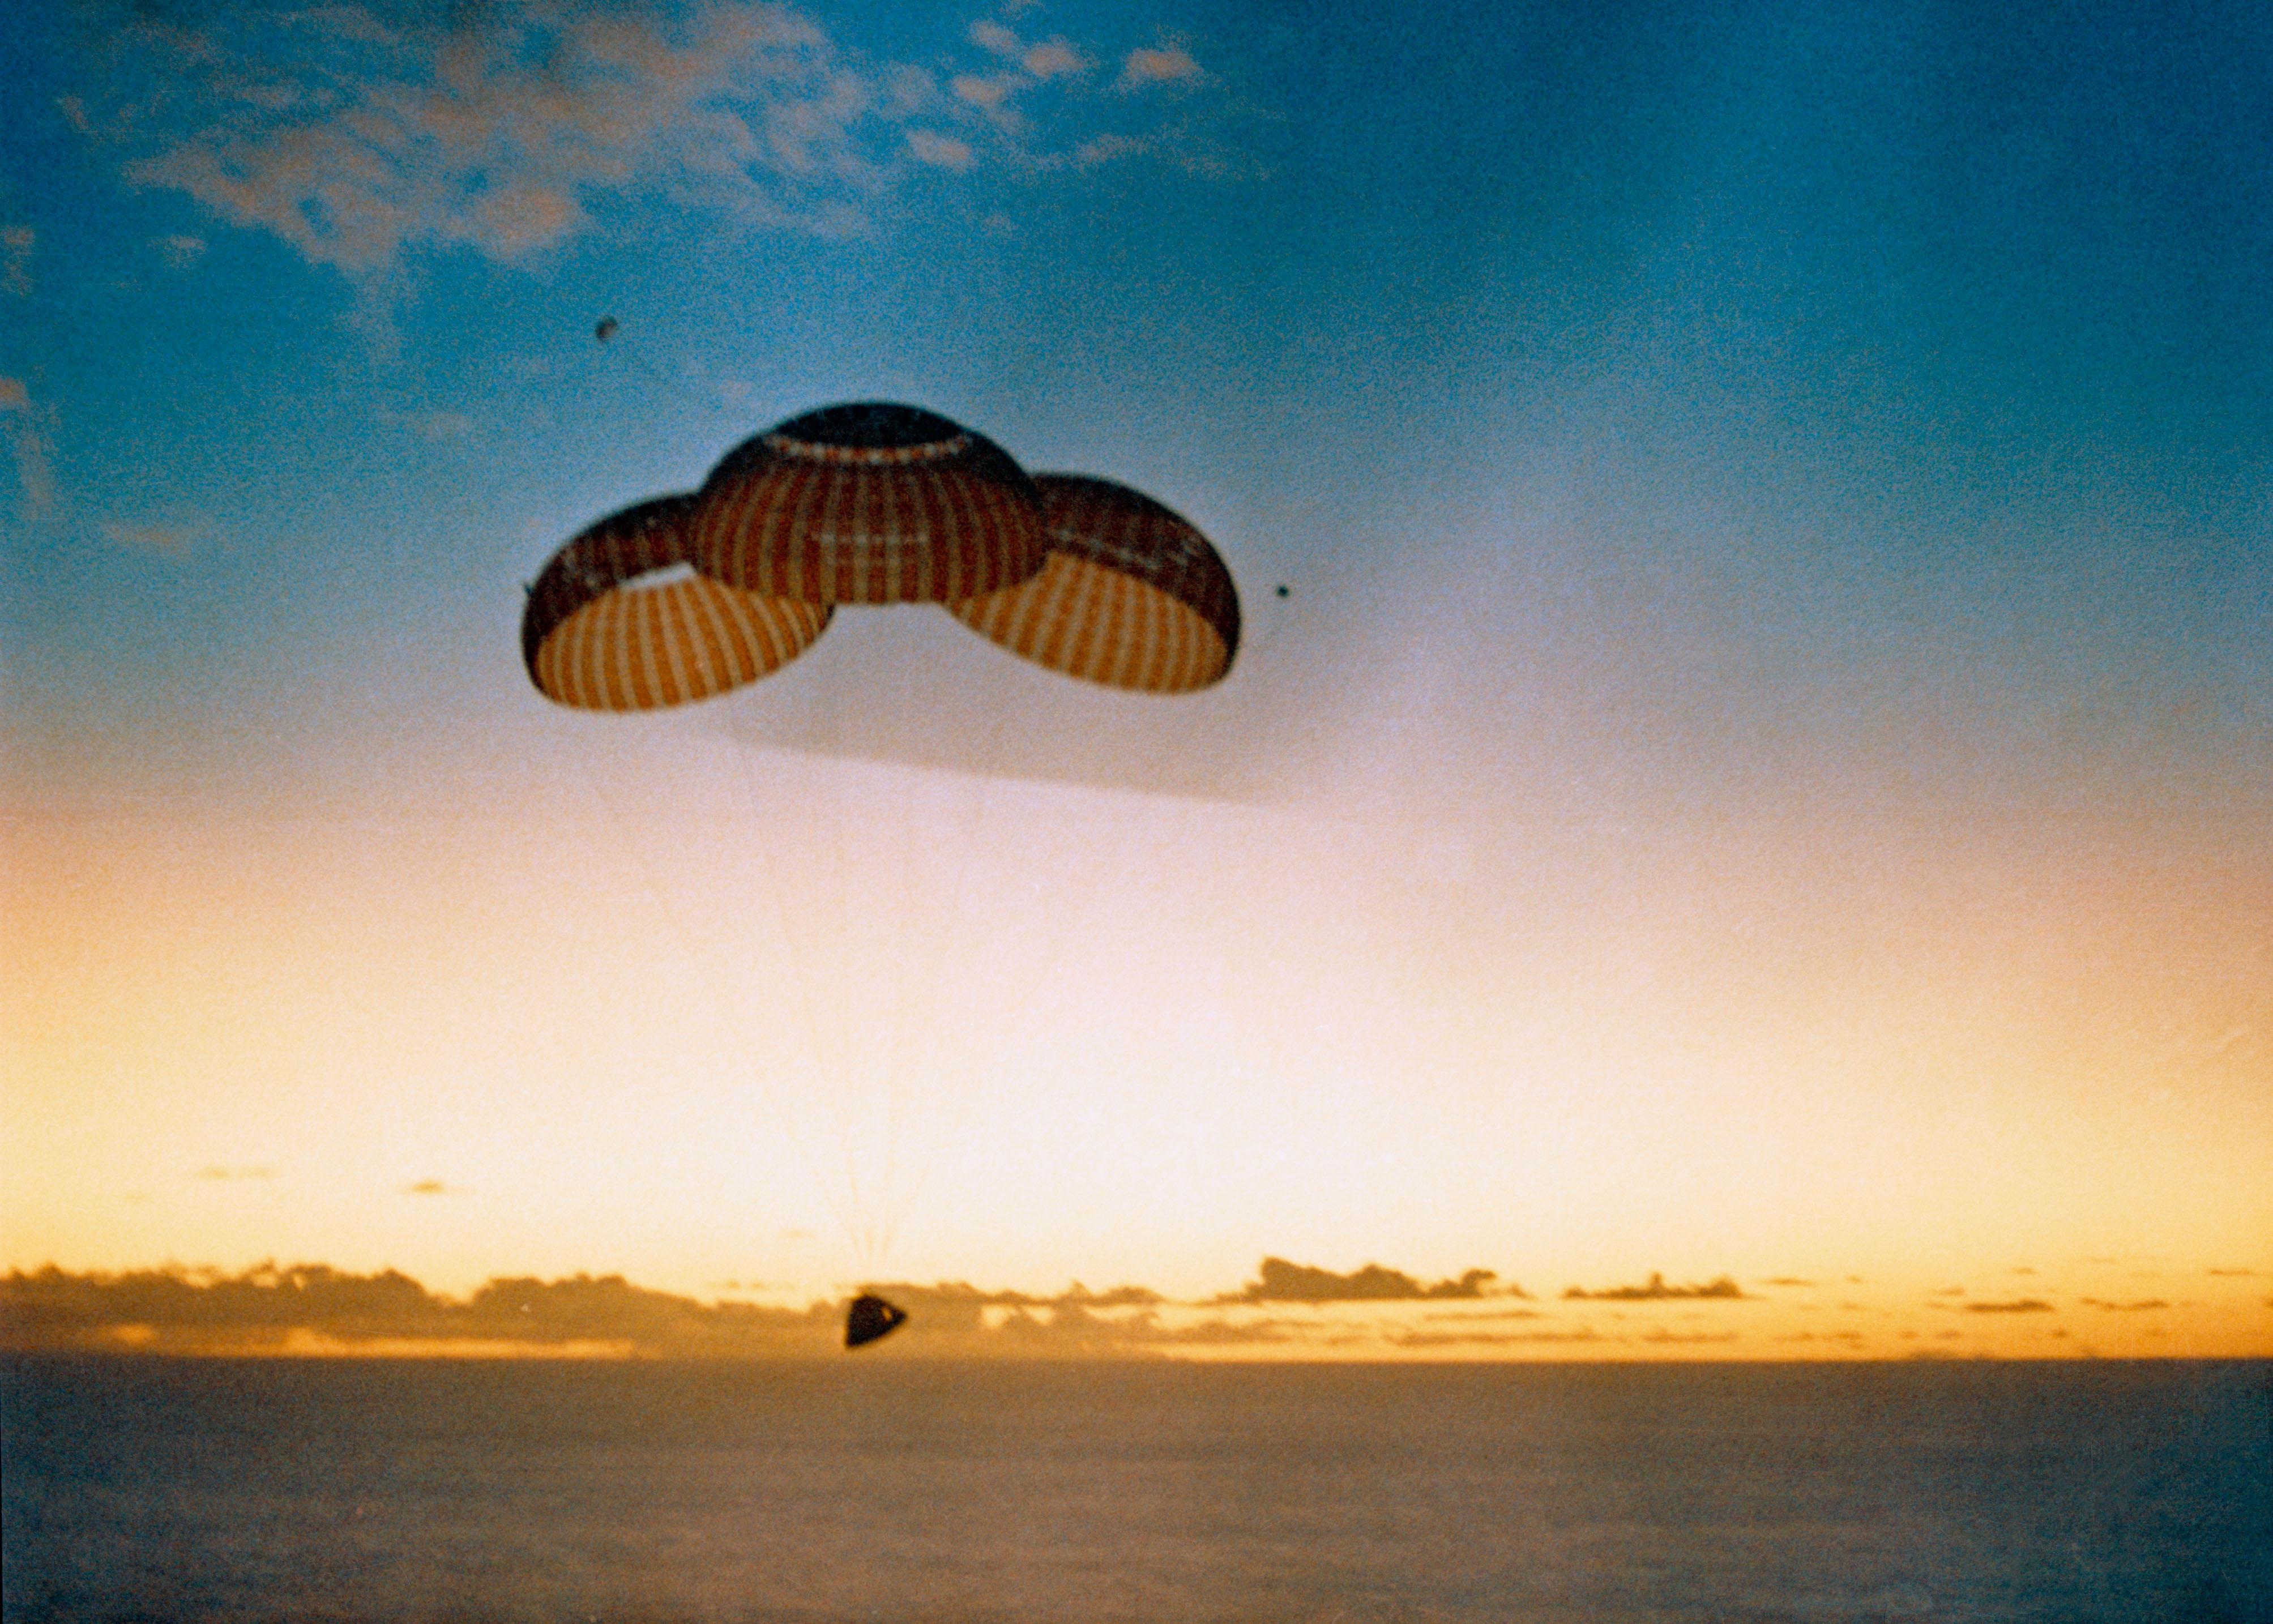 apollo 8 landing - photo #20